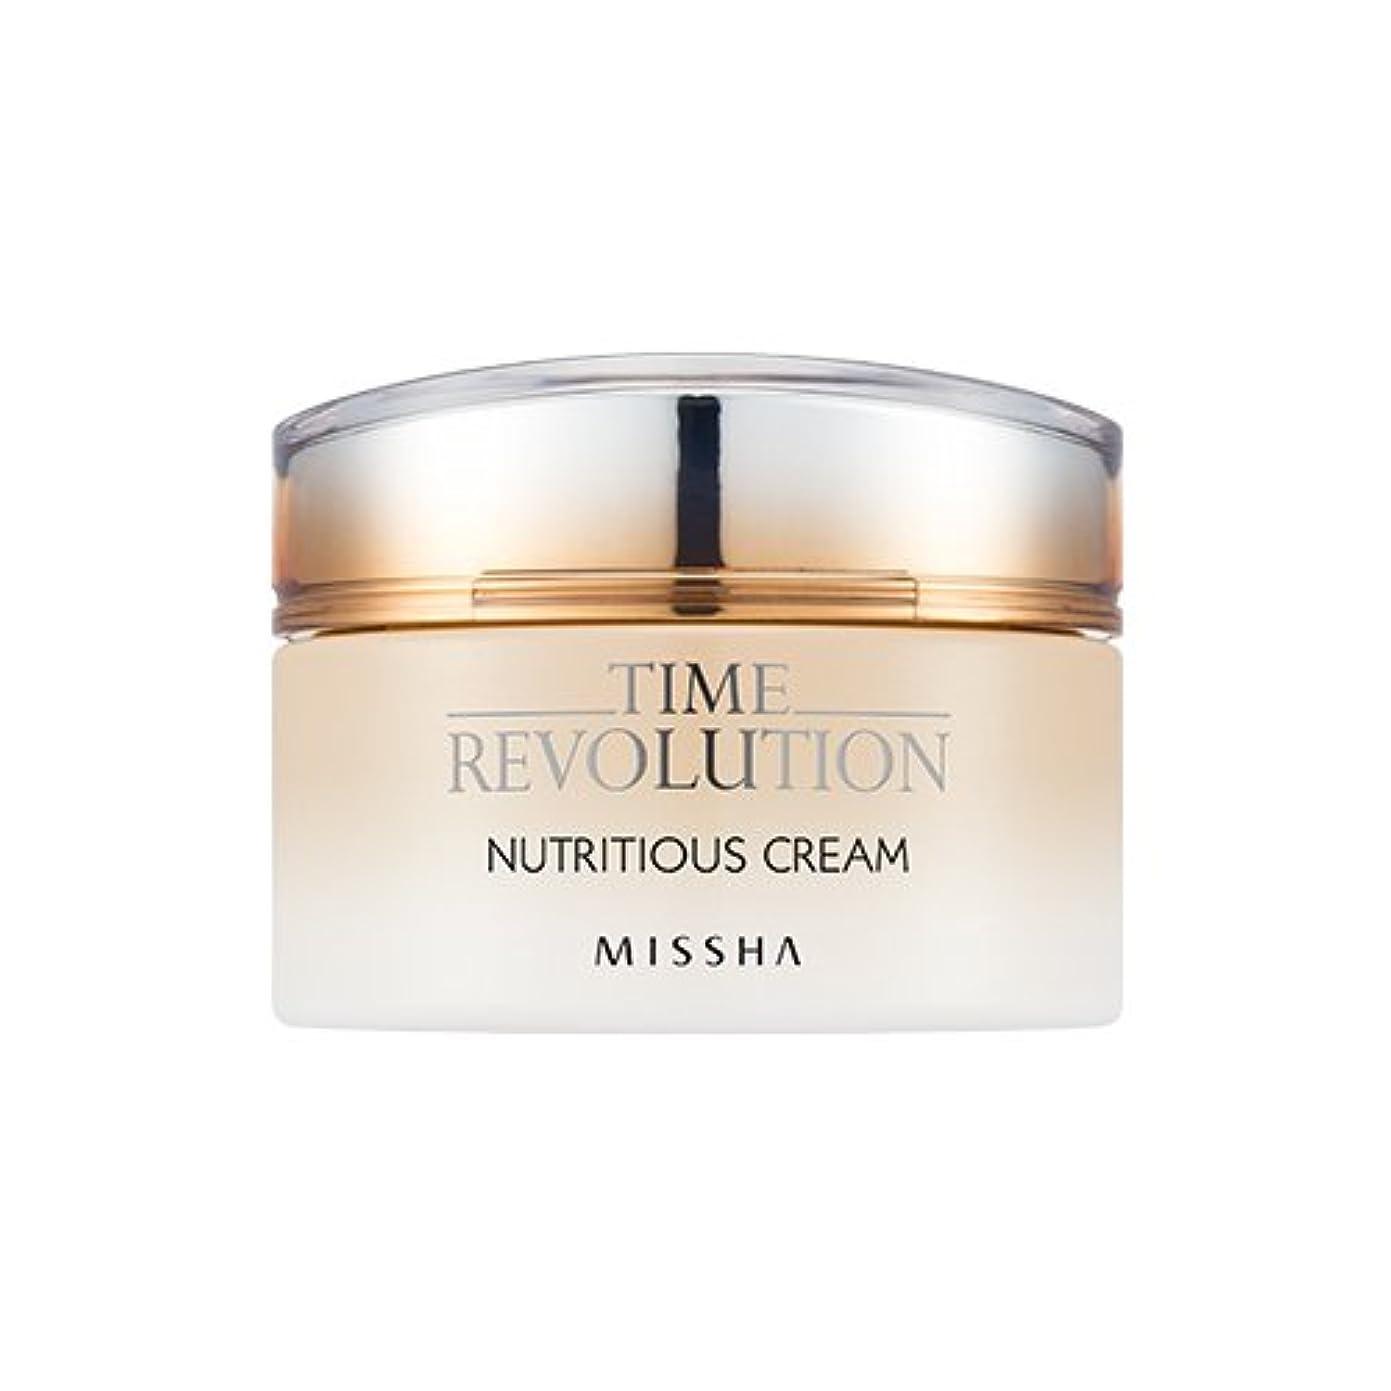 魅了する故障書店[New] MISSHA Time Revolution Nutritious Cream 50ml/ミシャ タイム レボリューション ニュートリシャス クリーム 50ml [並行輸入品]